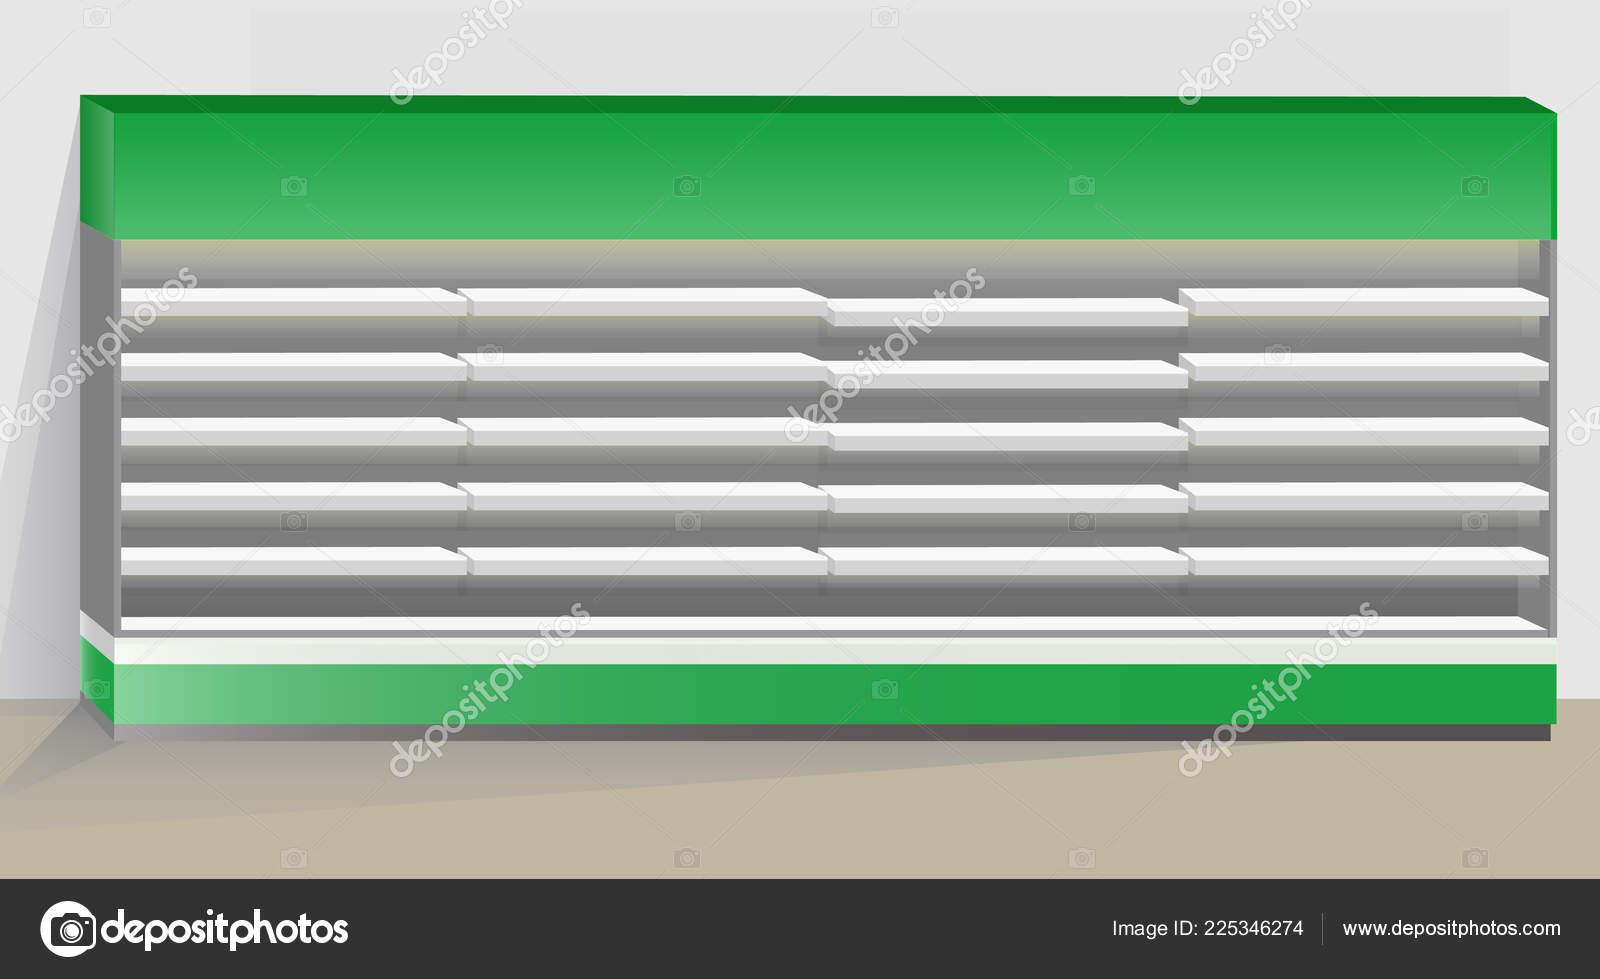 Kühlschrank Beleuchtung : Lange leere supermarkt kühlschrank mit regalen und beleuchtung der